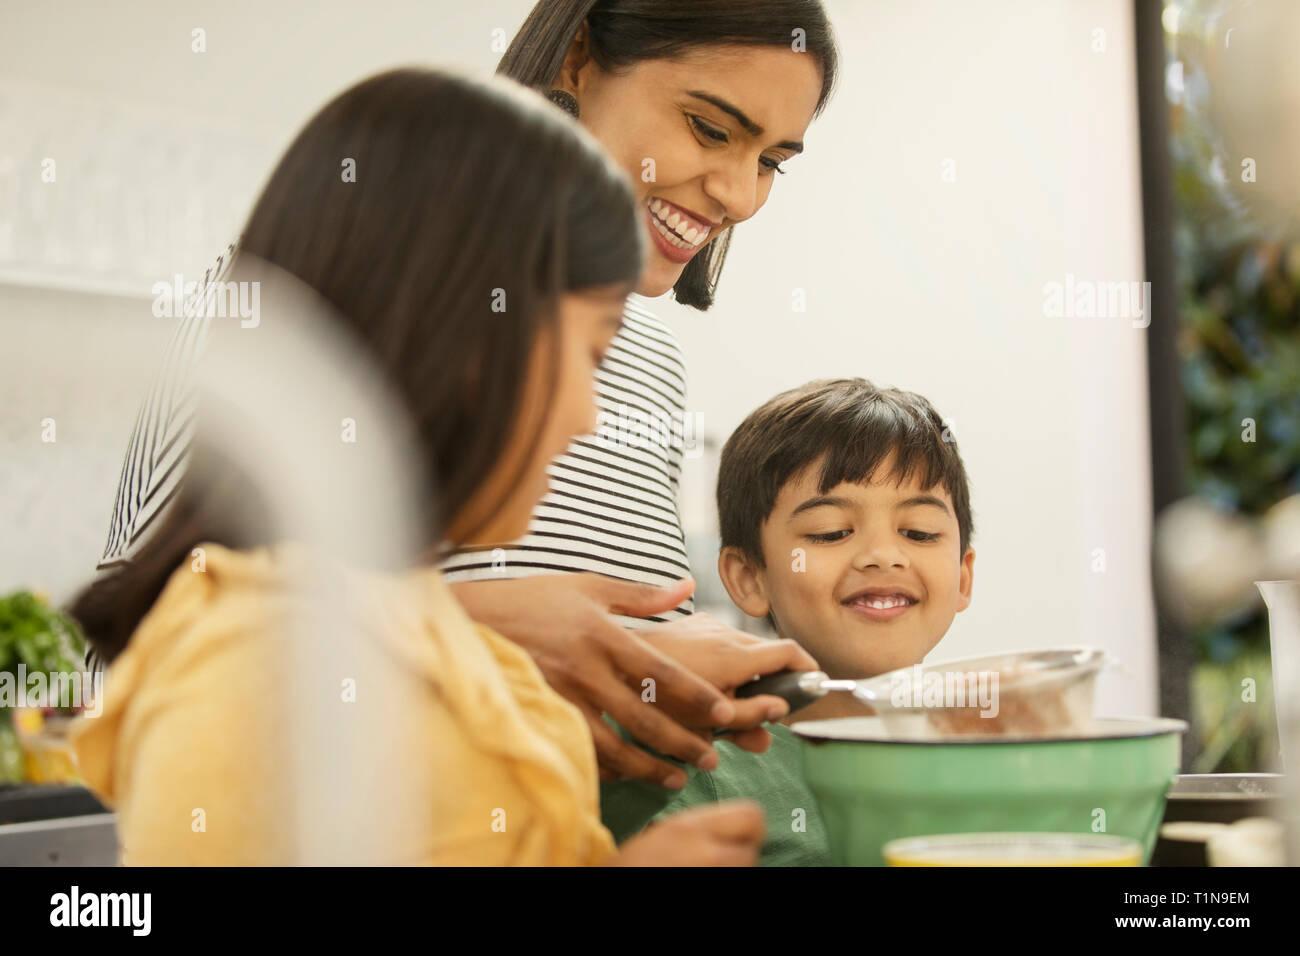 Mère et enfants baking in kitchen Banque D'Images